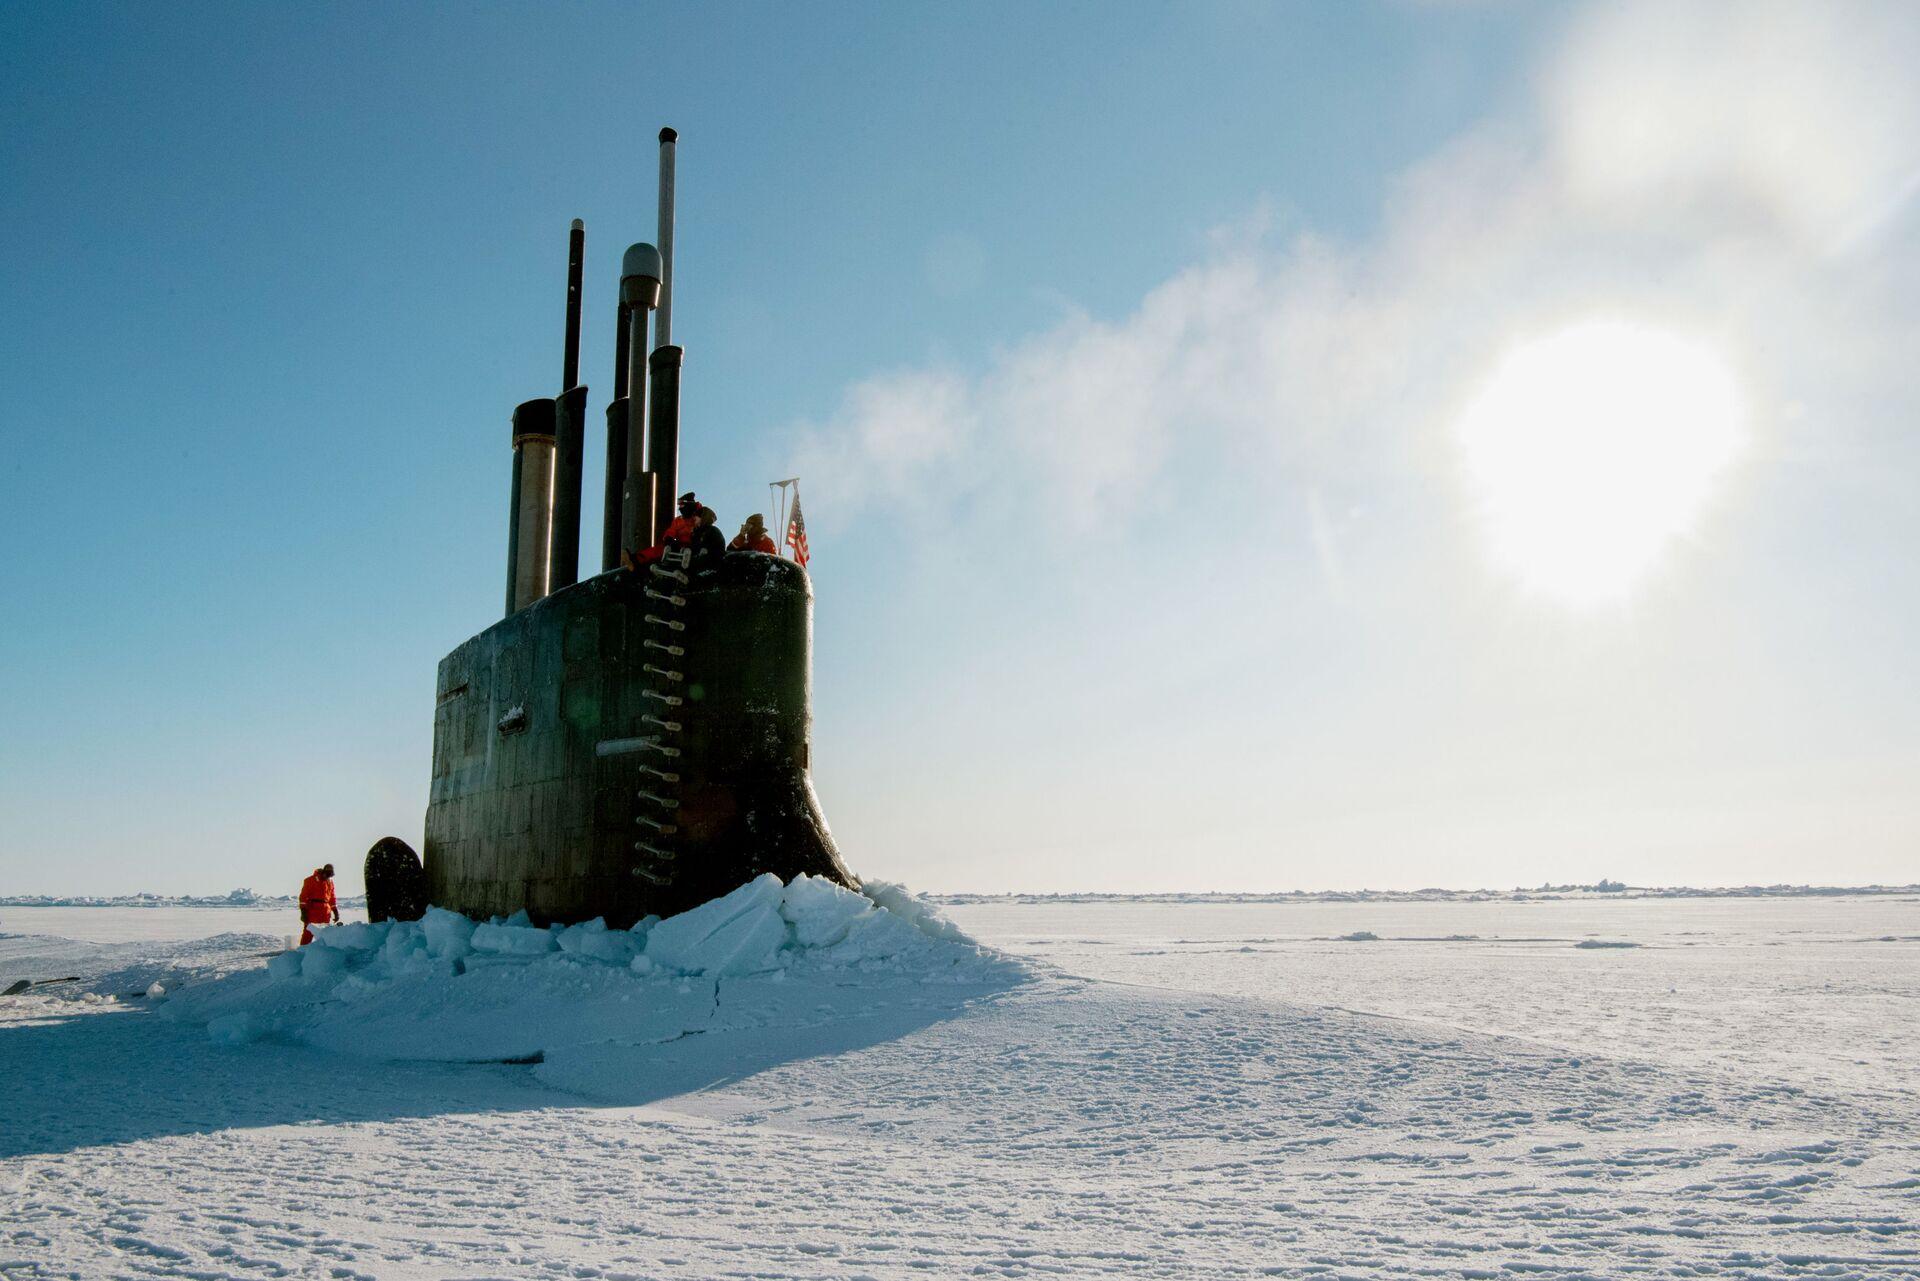 Mỹ khẩn cấp rút 1/3 hạm đội tàu ngầm ra Thái Bình Dương - Sputnik Việt Nam, 1920, 04.06.2021